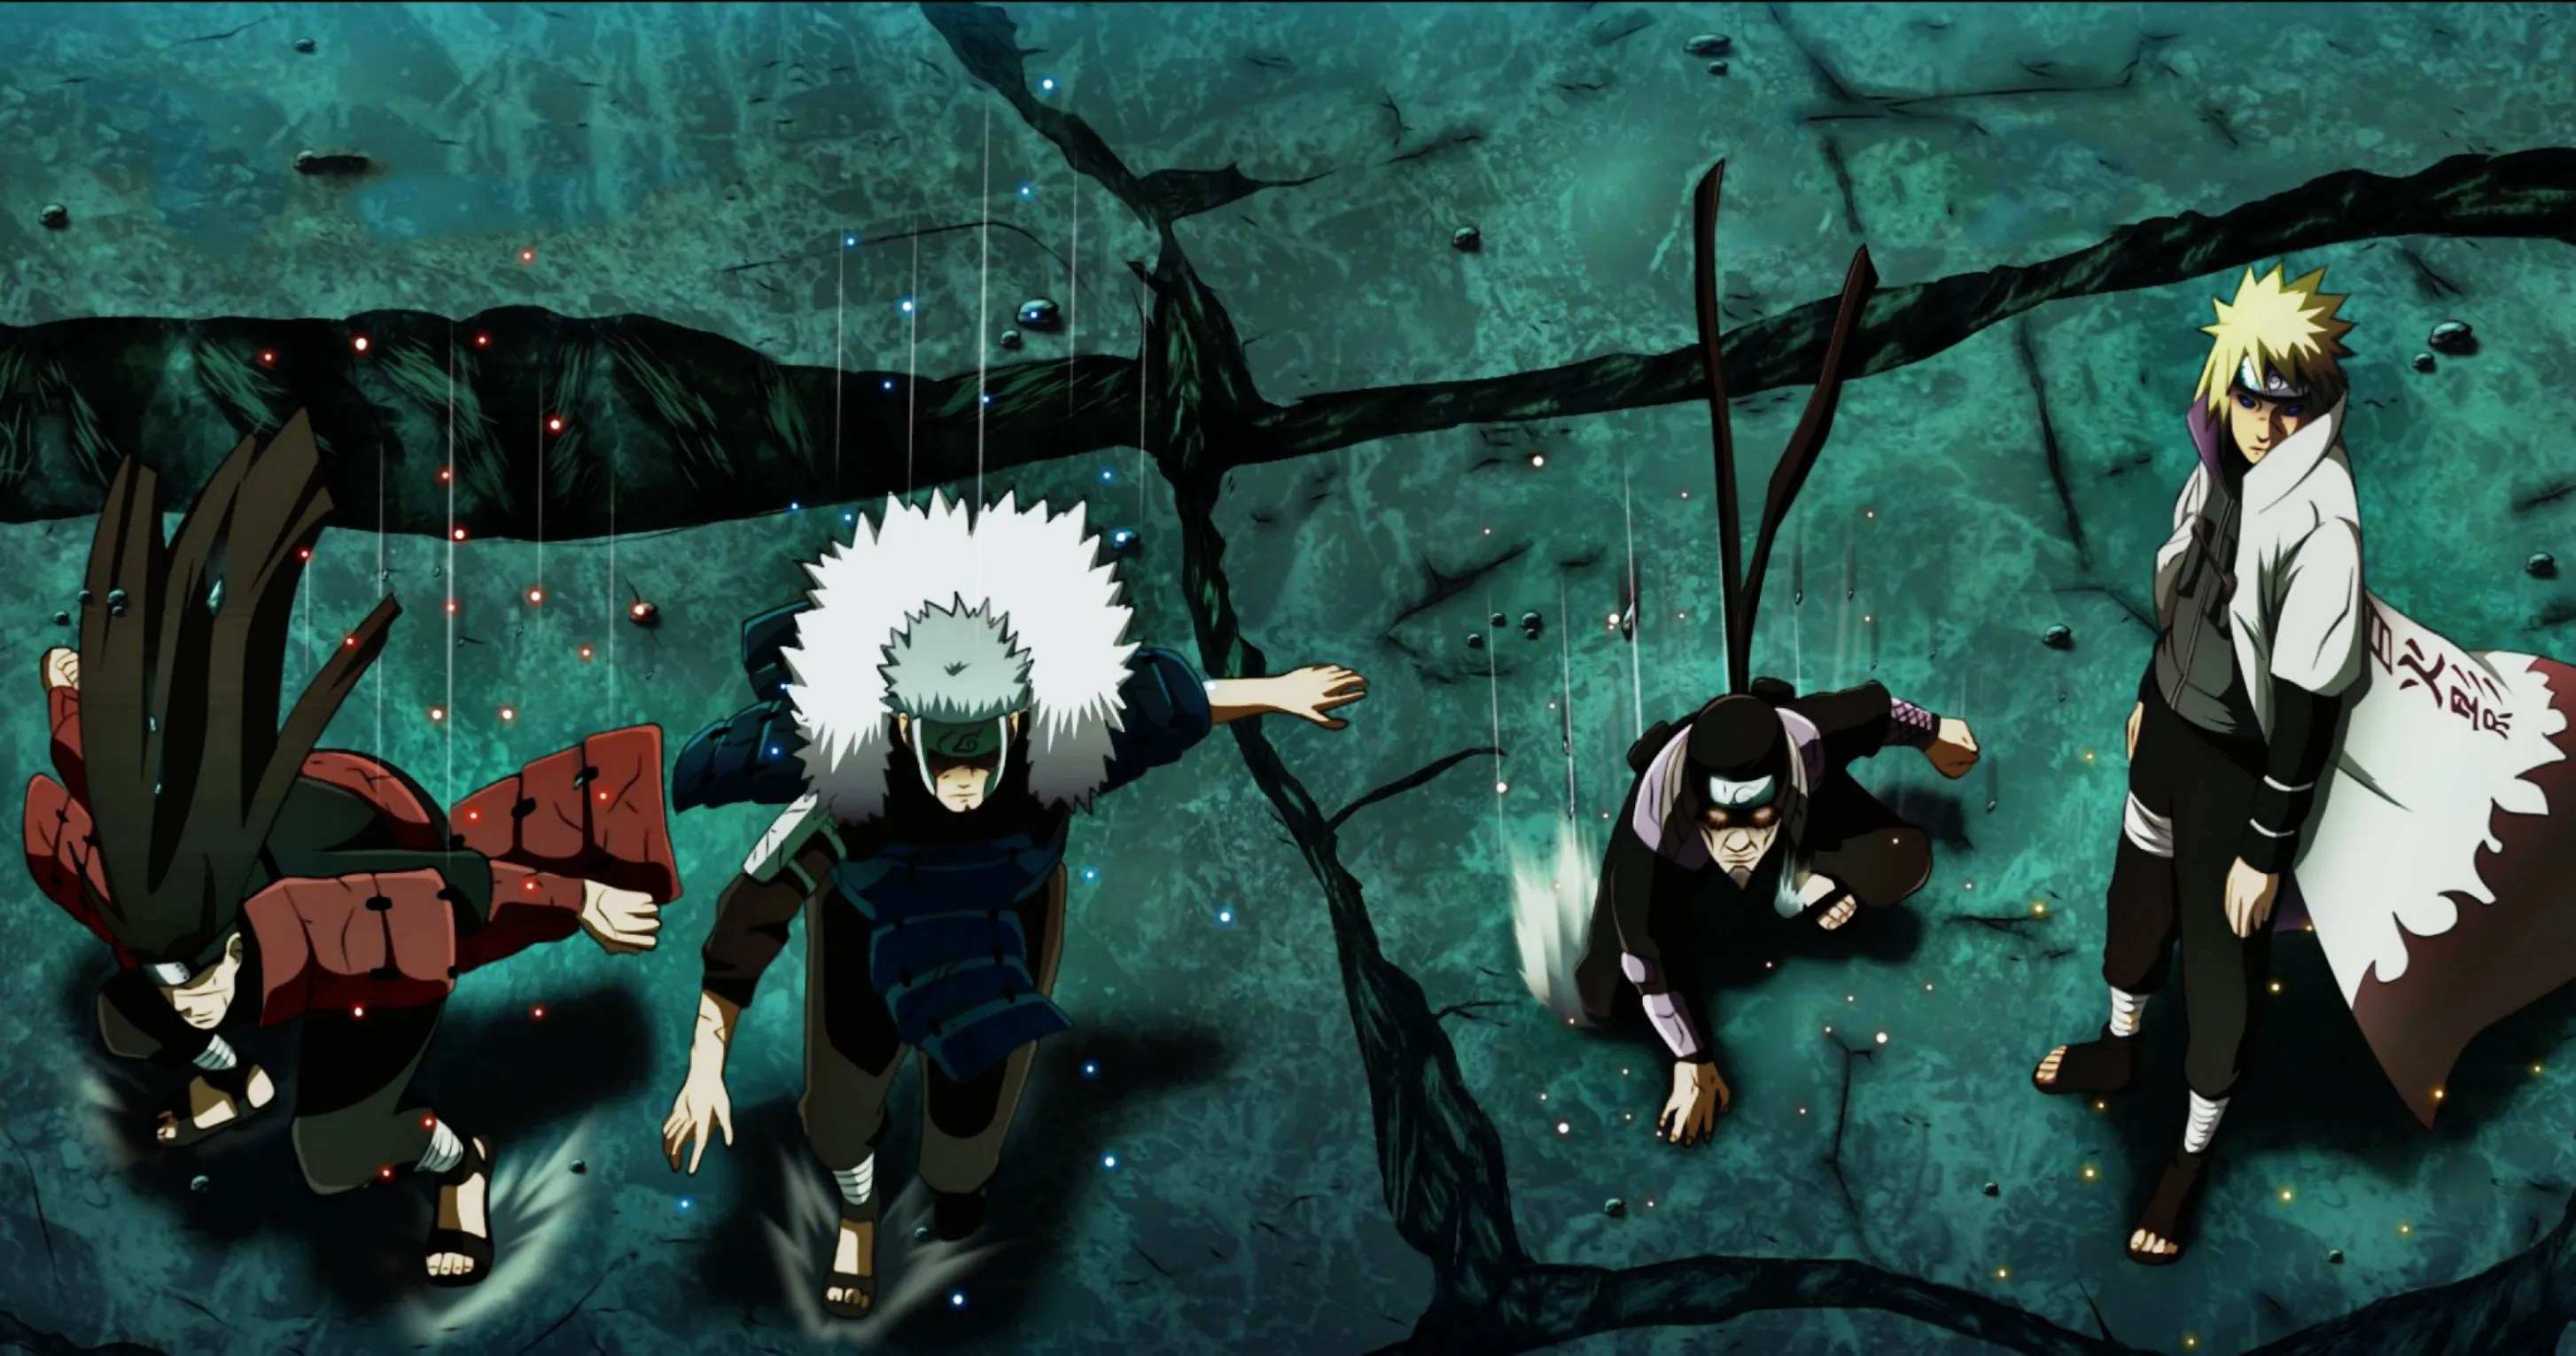 Kaguya, hashirama, tobirama, obito, sasuke, naruto, madara and sage of six. Ninja World: Naruto Sasuke Minato Tobirama Vs Obito